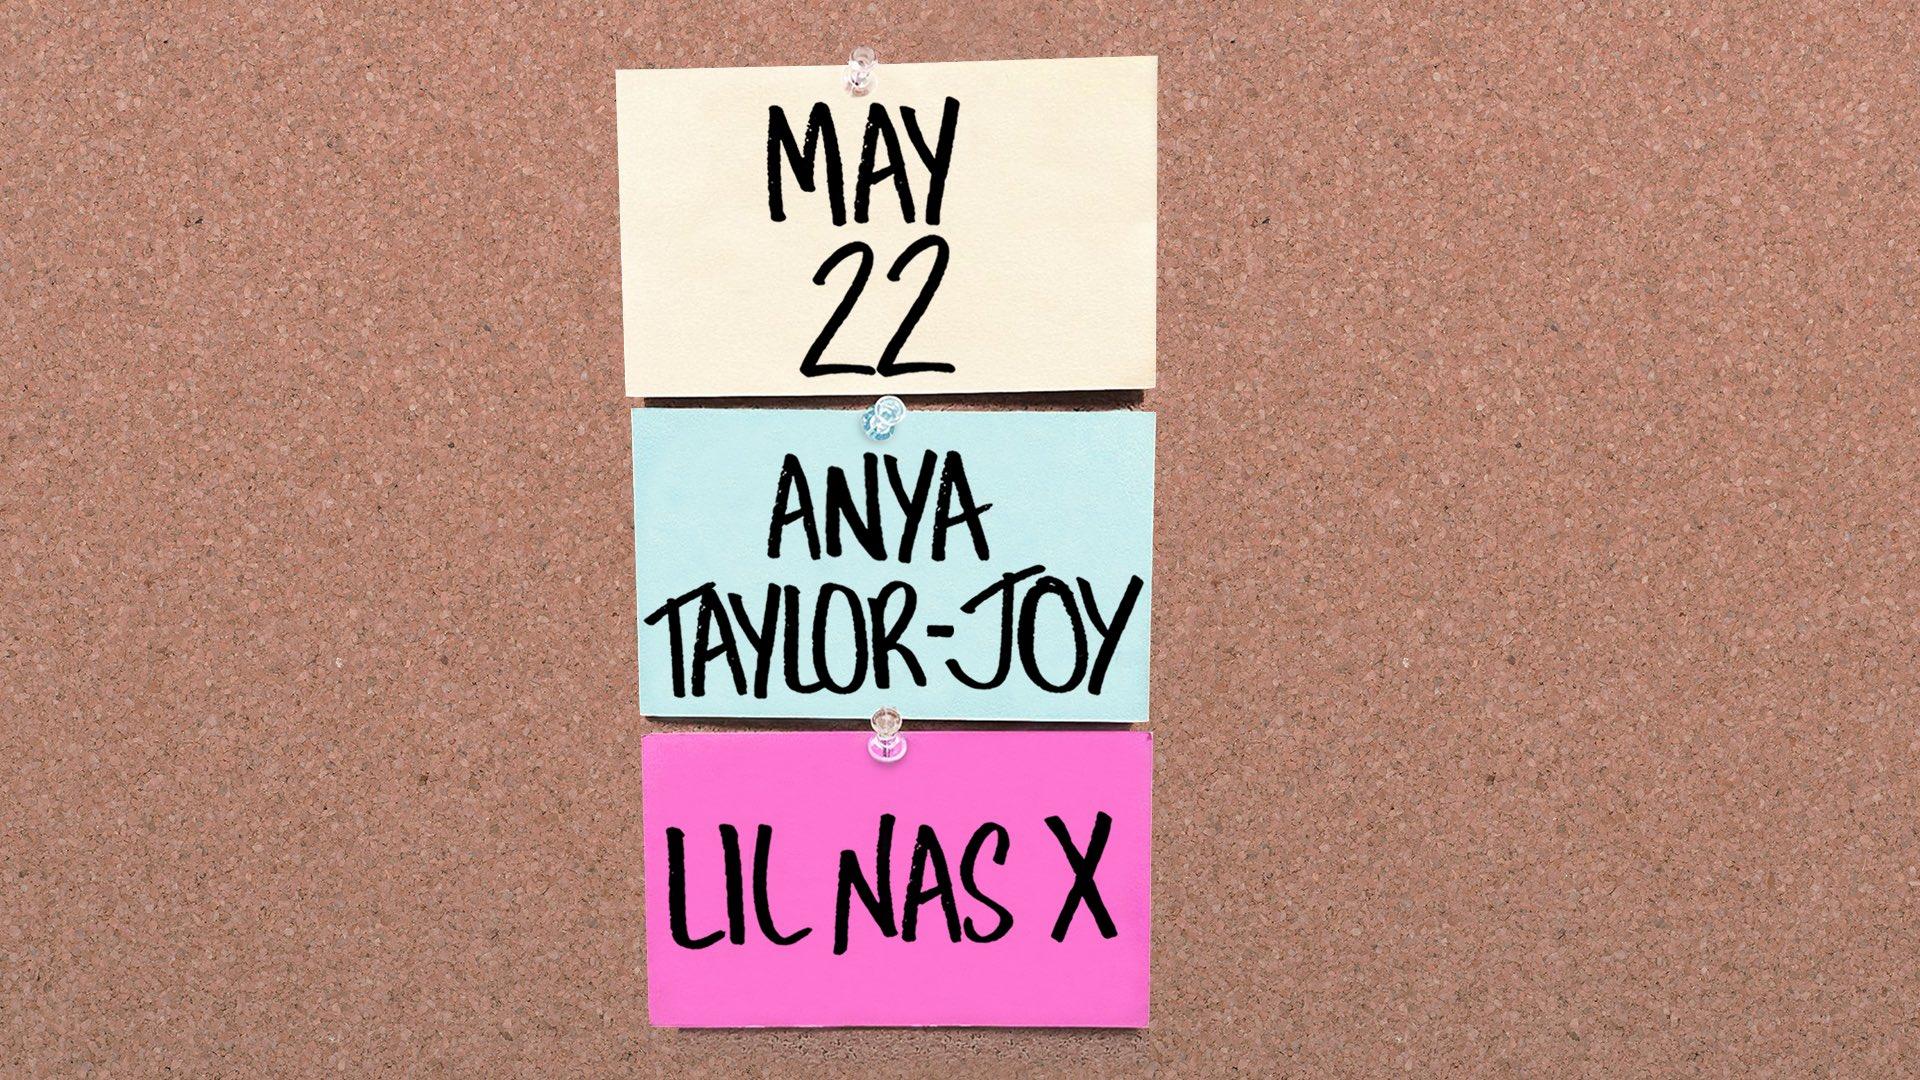 Anya1